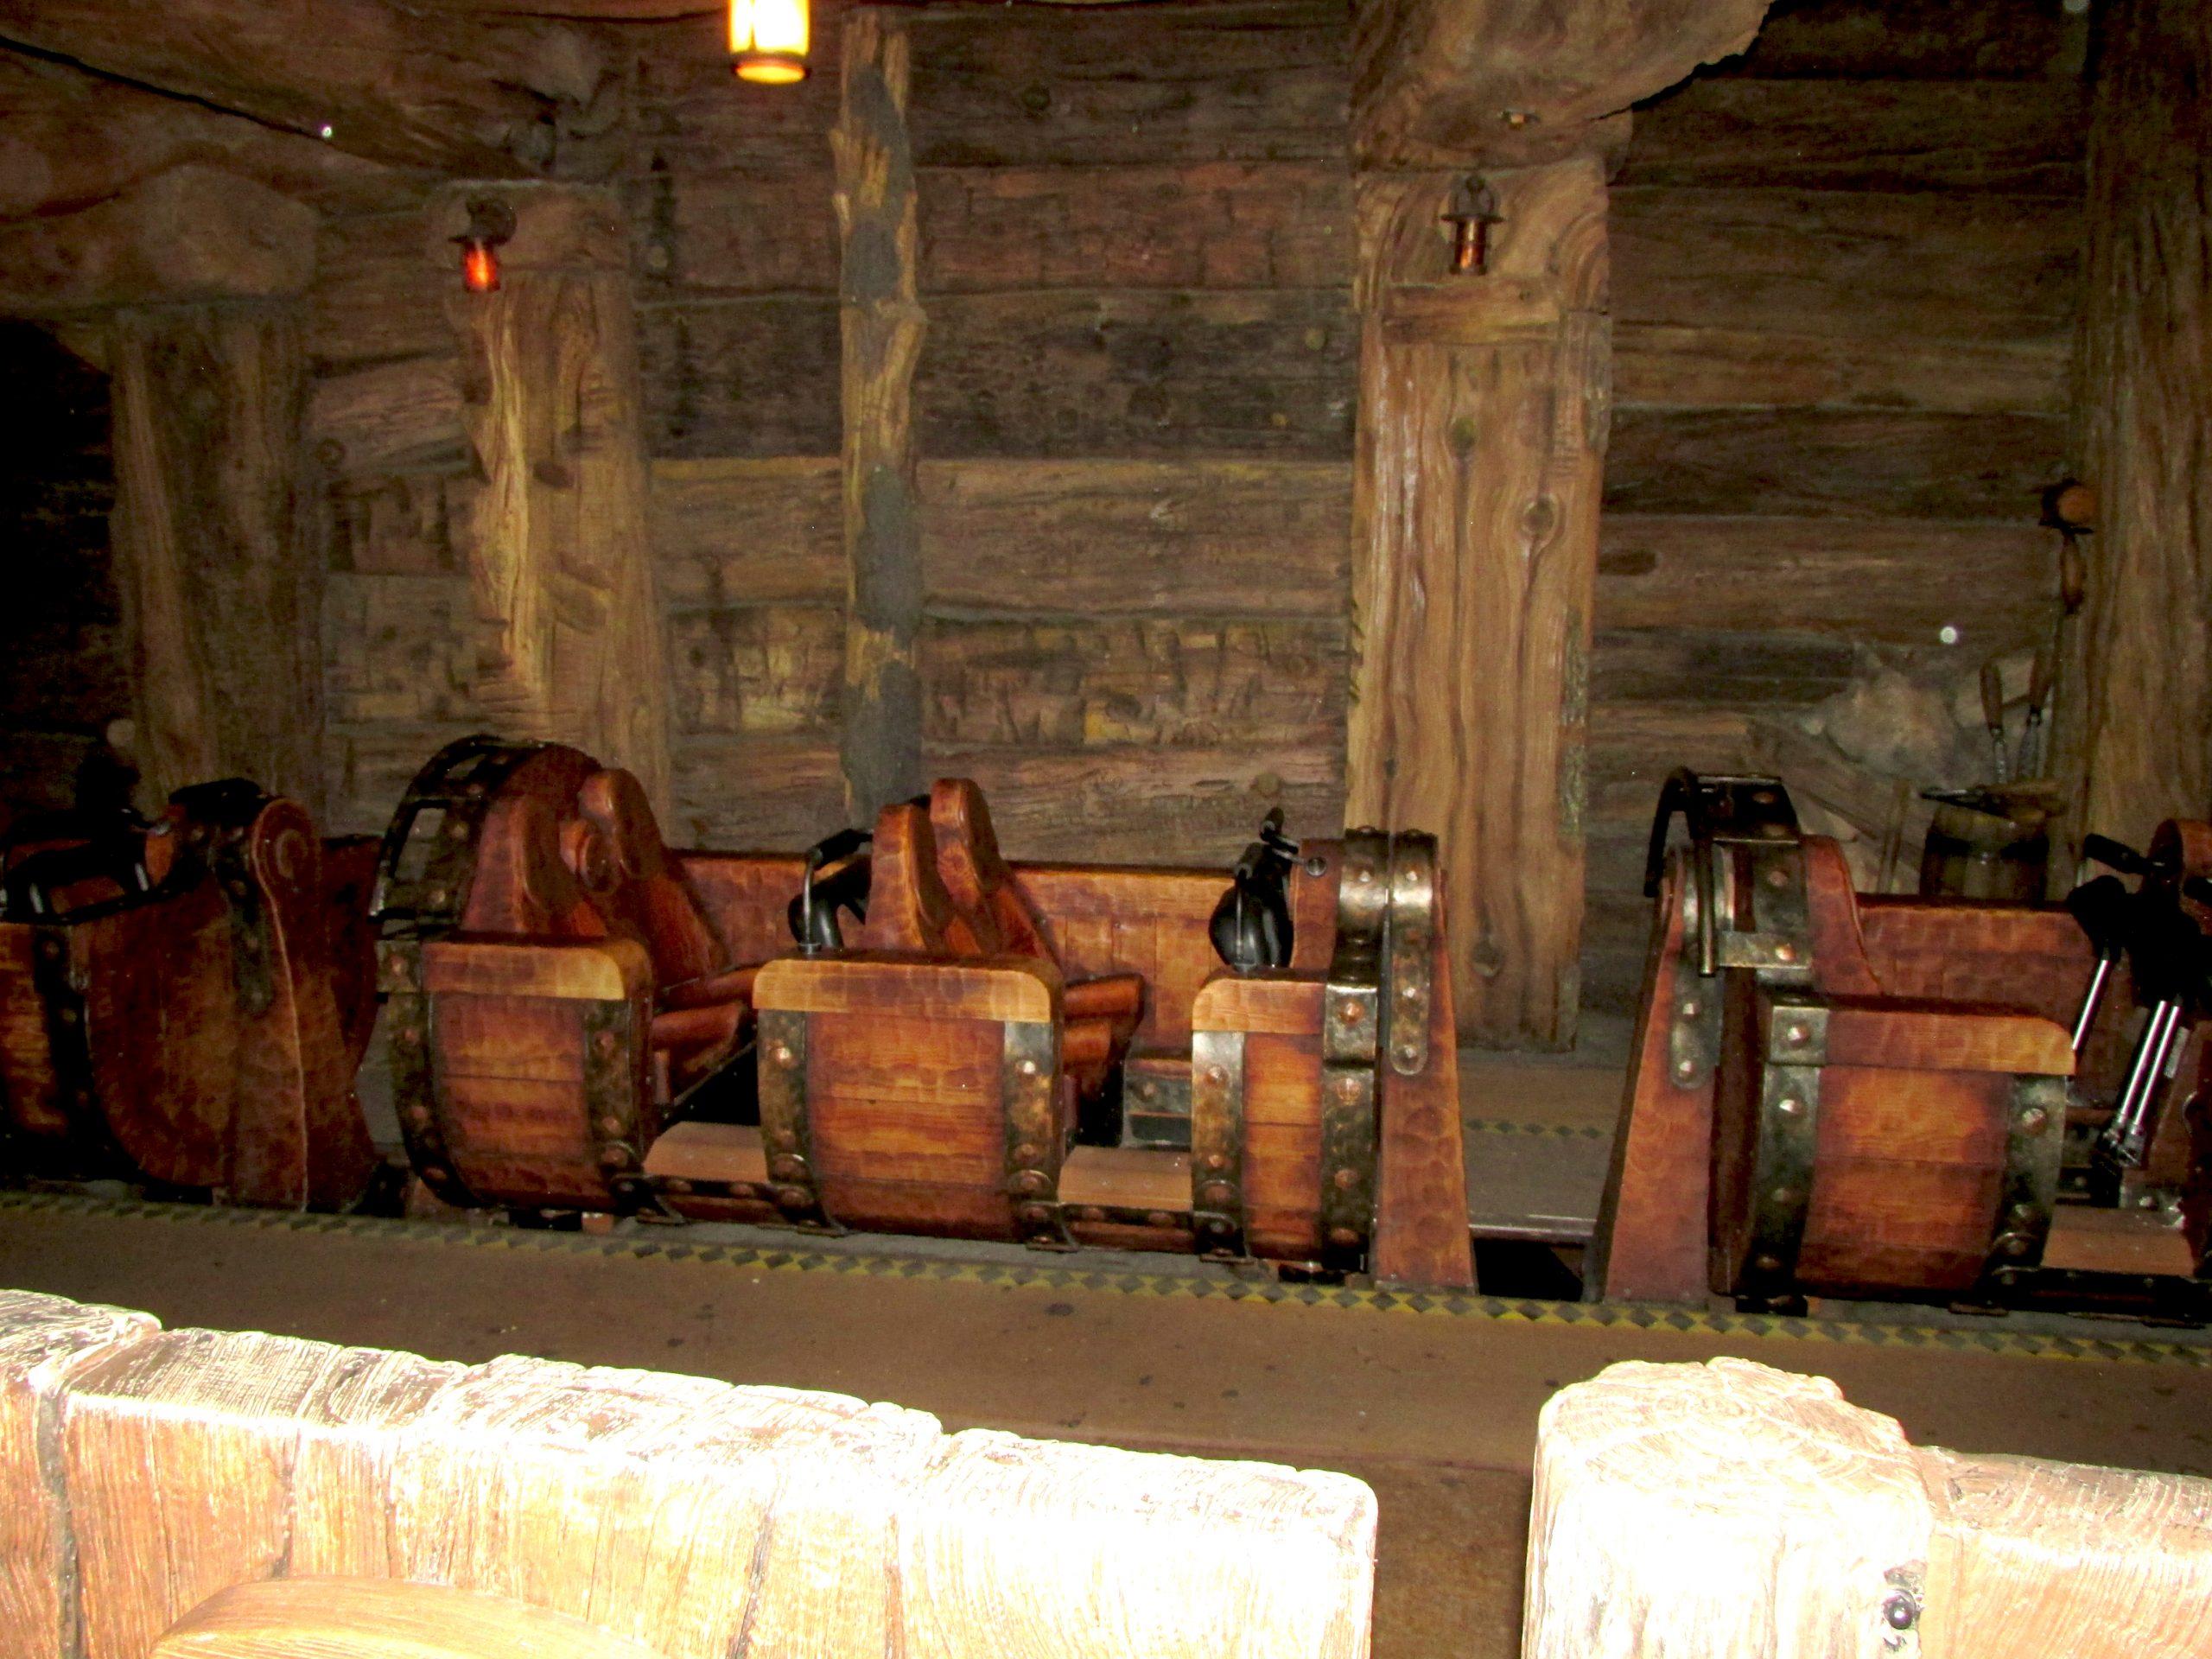 Seven Dwarfs Mine Train ride car